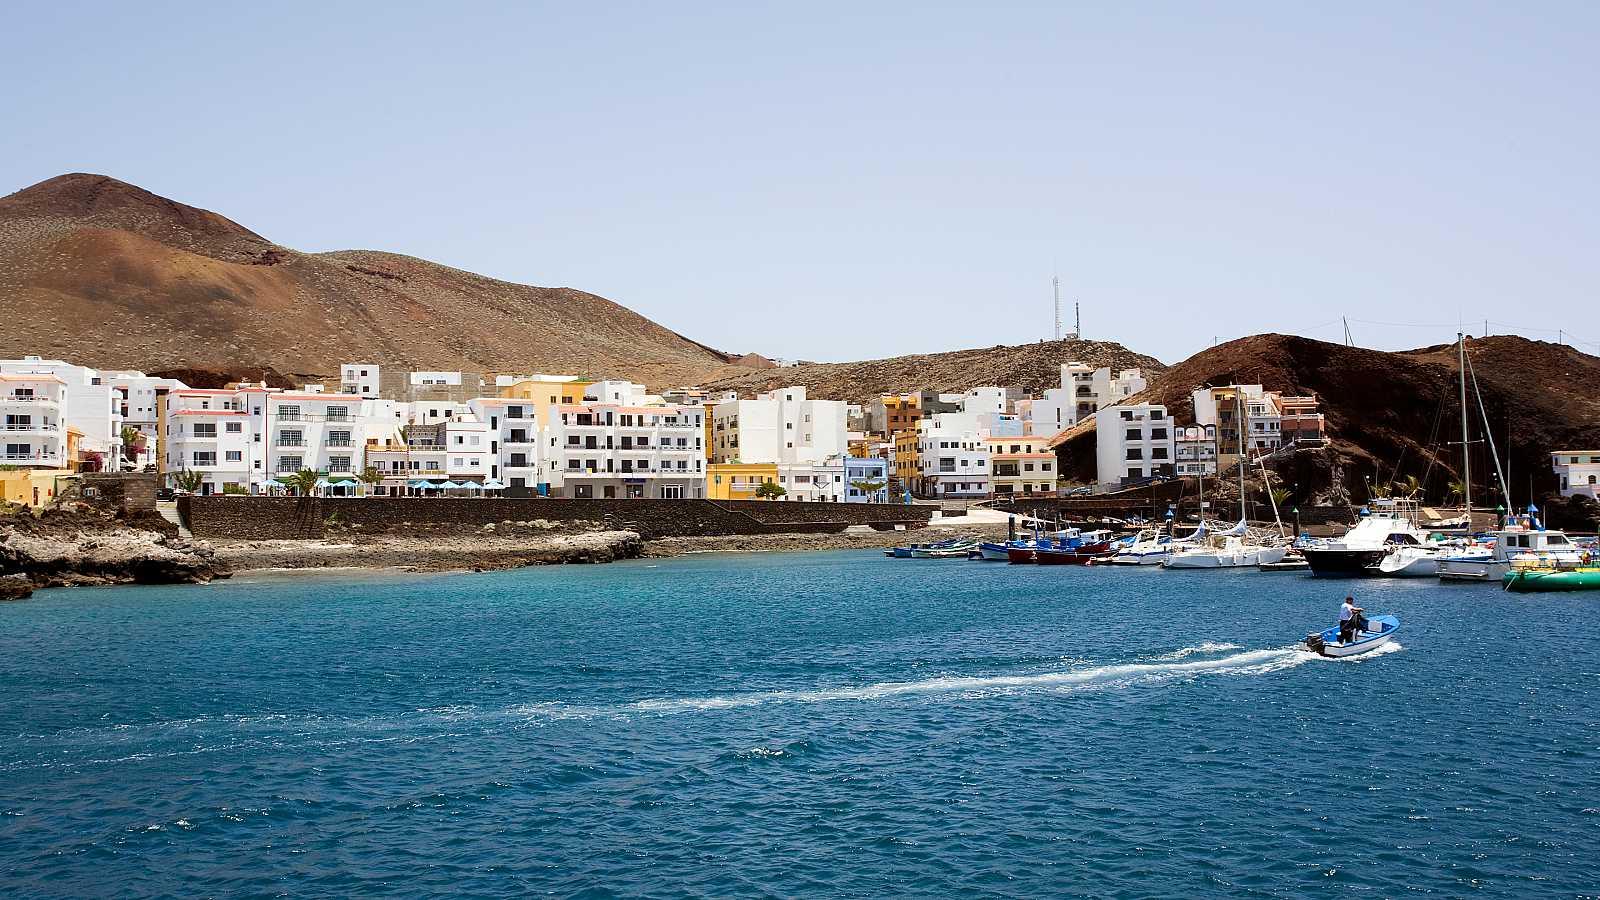 Las islas canarias de La Gomera, El Hierro y La Graciosa, además de la isla balear de Formentera pasarán el próximo lunes a la Fase 3 de la desescalada, dada la buena evolución de la epidemia de coronavirus en ellas. Las cuatro islas llevan al menos